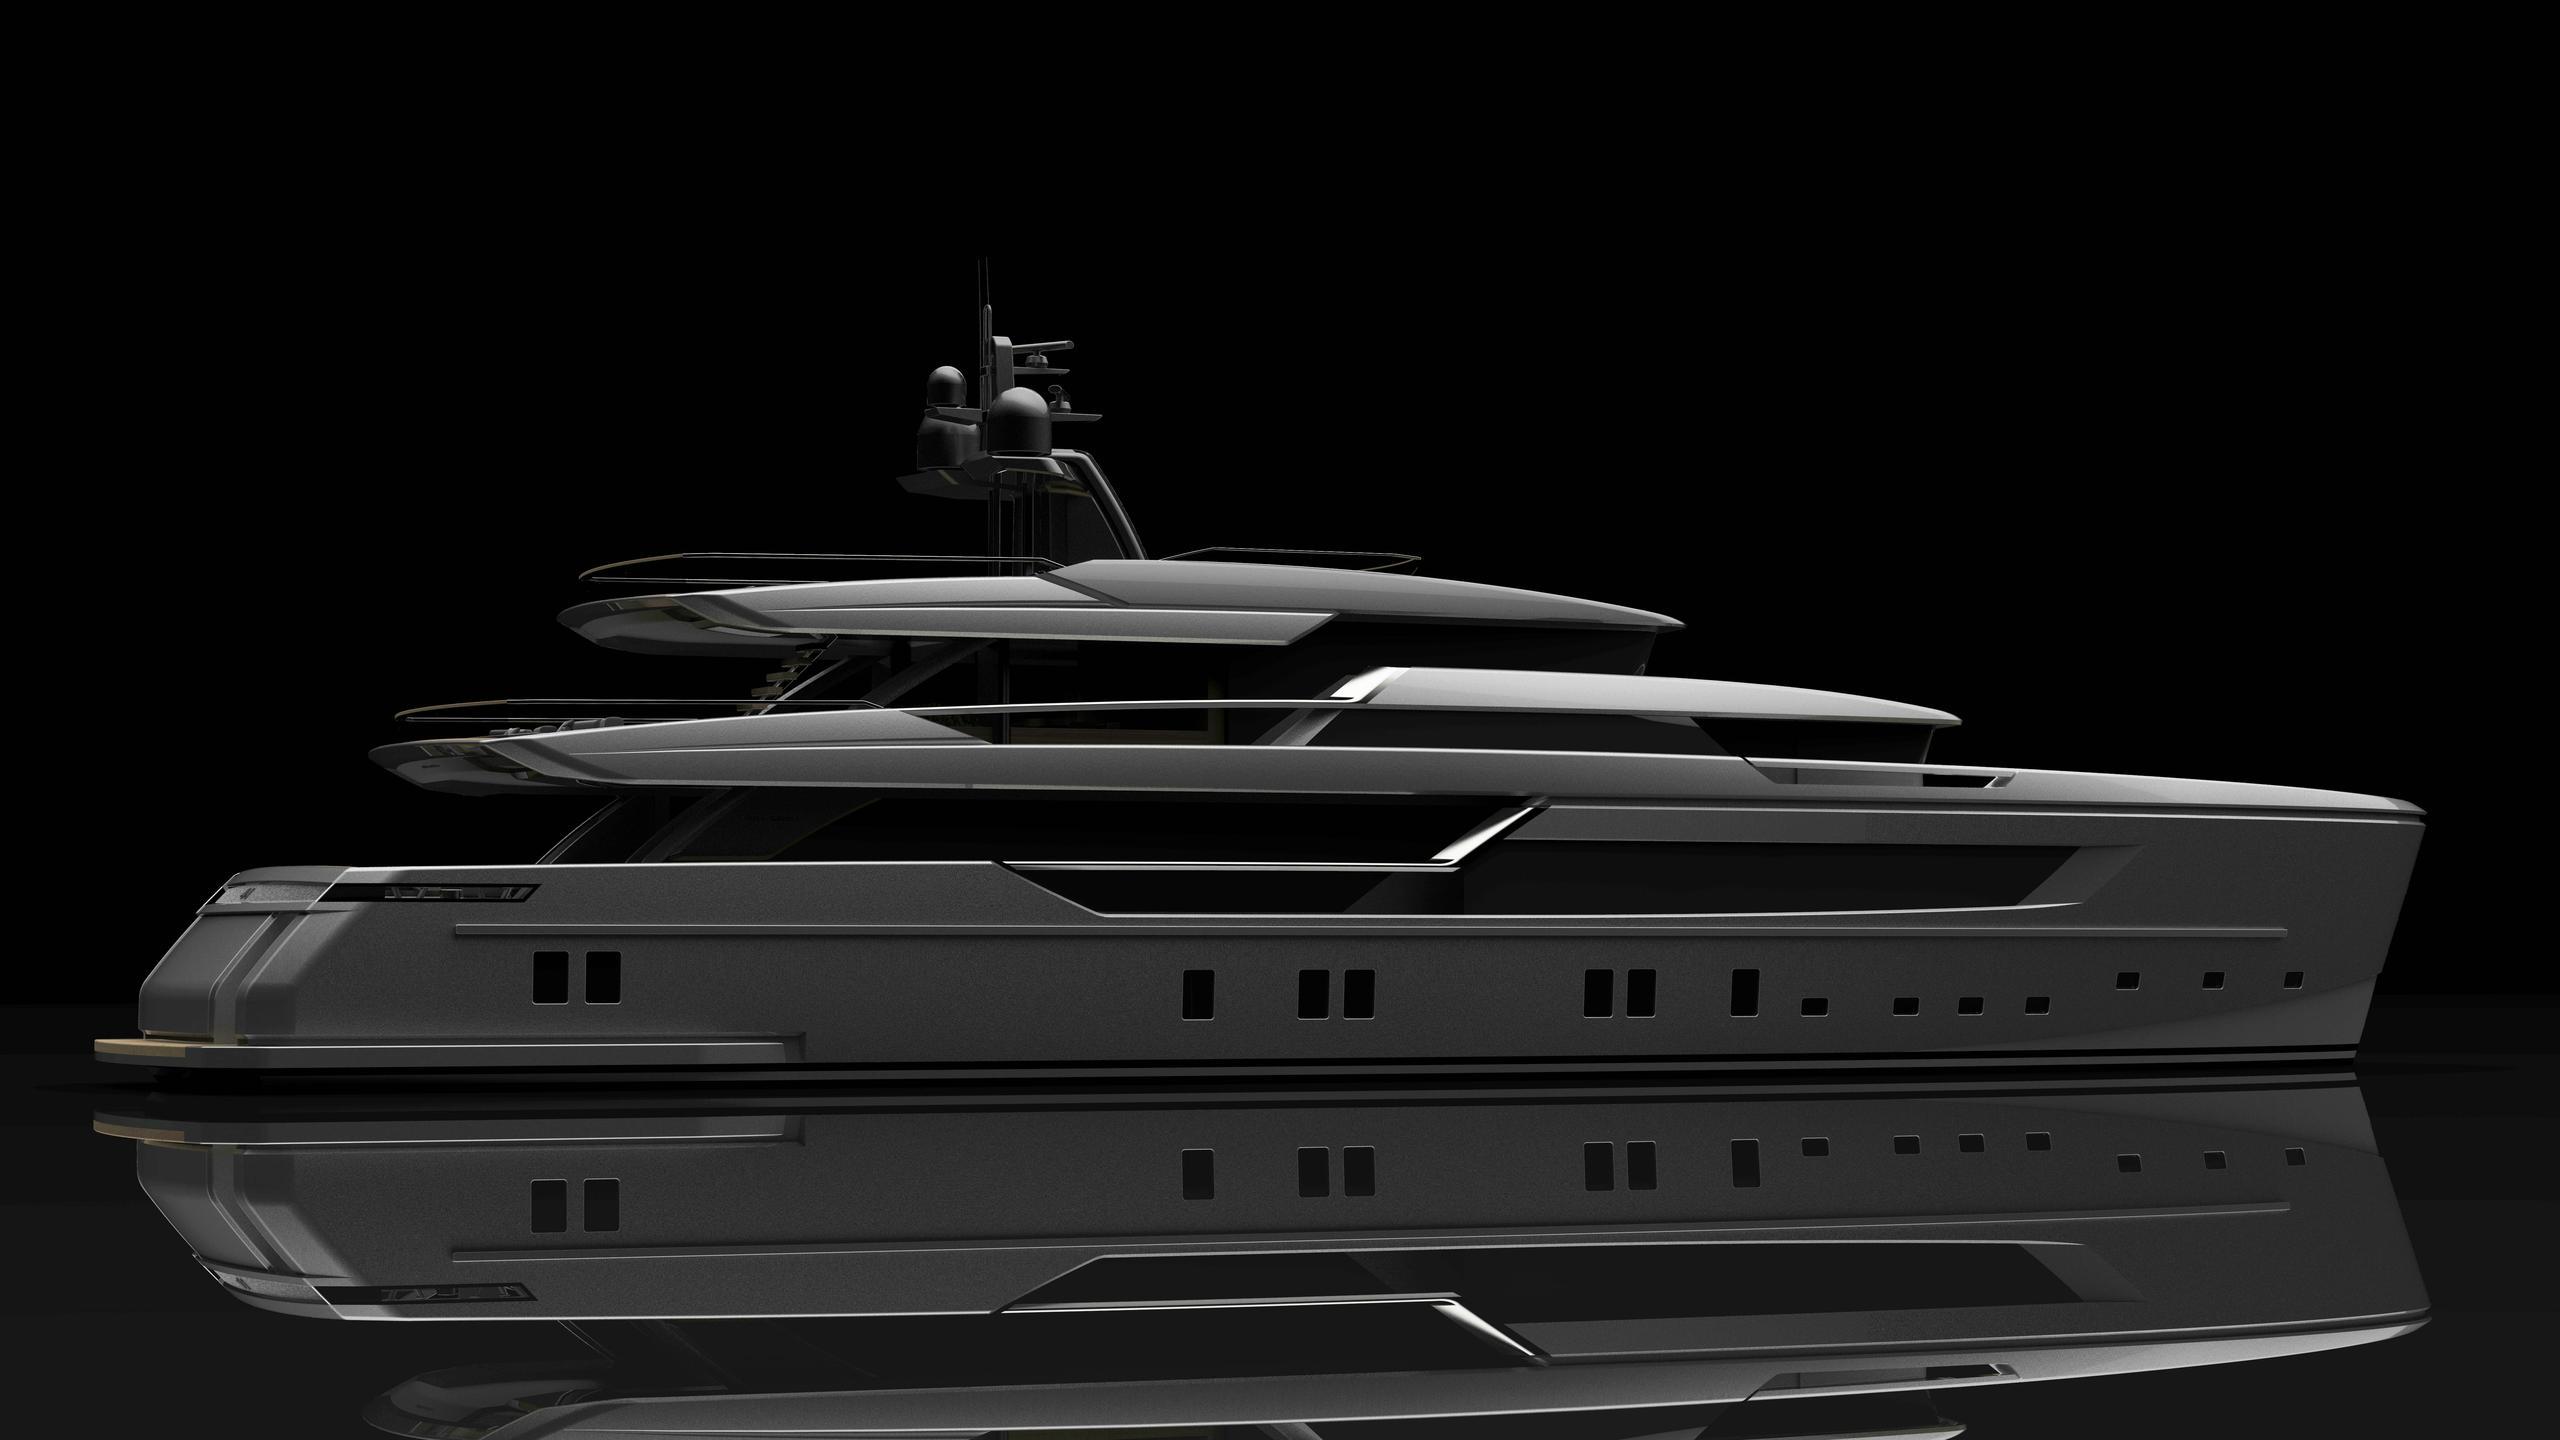 sl-44 alloy motoryacht sanlorenzo 44m rendering